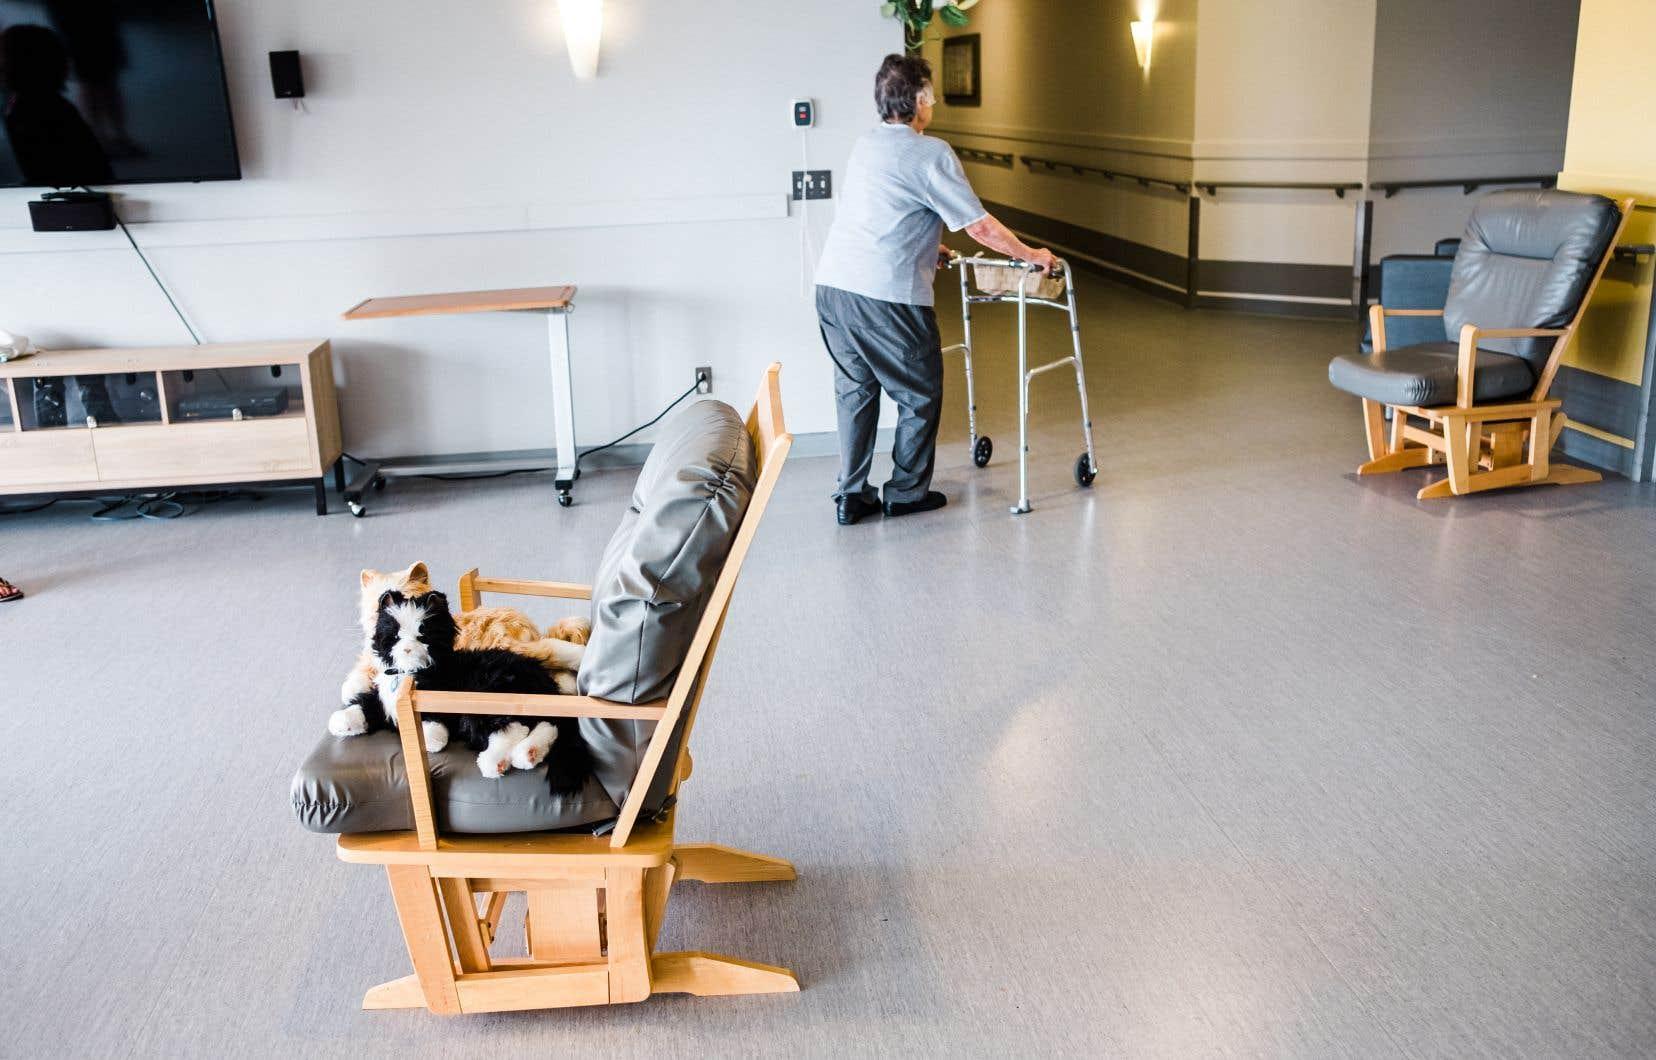 L'analyse publiée jeudi par l'Institut canadien d'information sur la santé (ICIS) indique que les résidents d'établissements de soins de longue durée représentent 81% de tous les décès liés à la COVID-19 signalés dans le pays, contre une moyenne de 42% dans tous les pays étudiés.